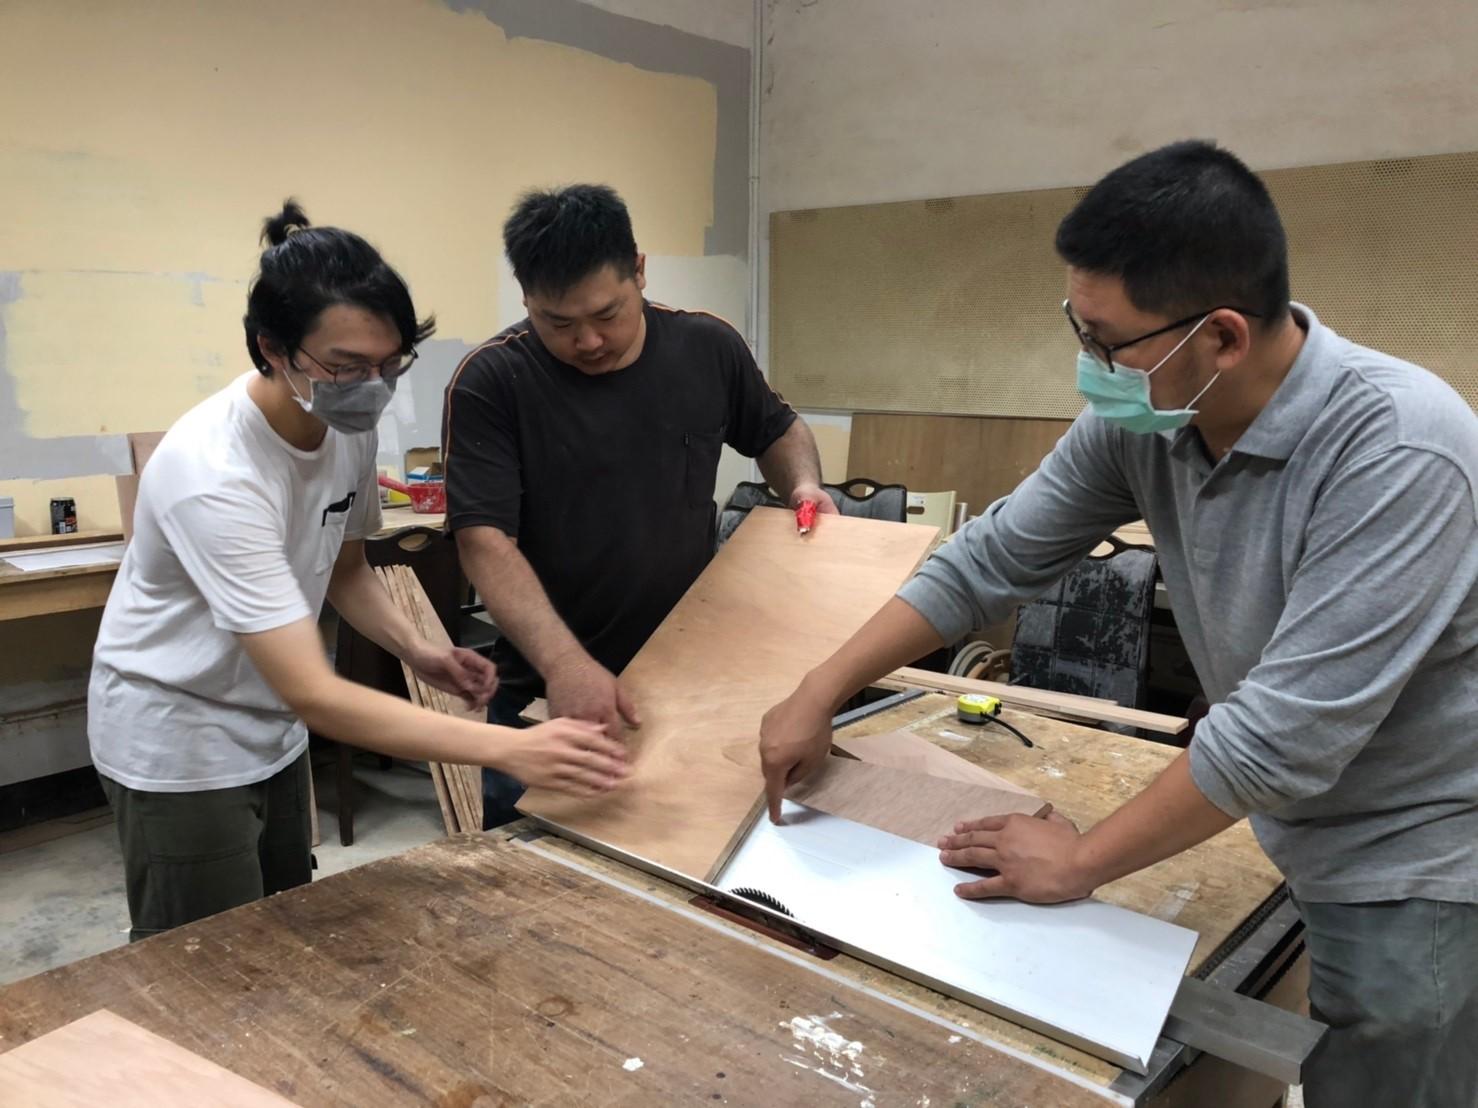 中原室設系學生與業師討論使用的材料與丈量.jpg